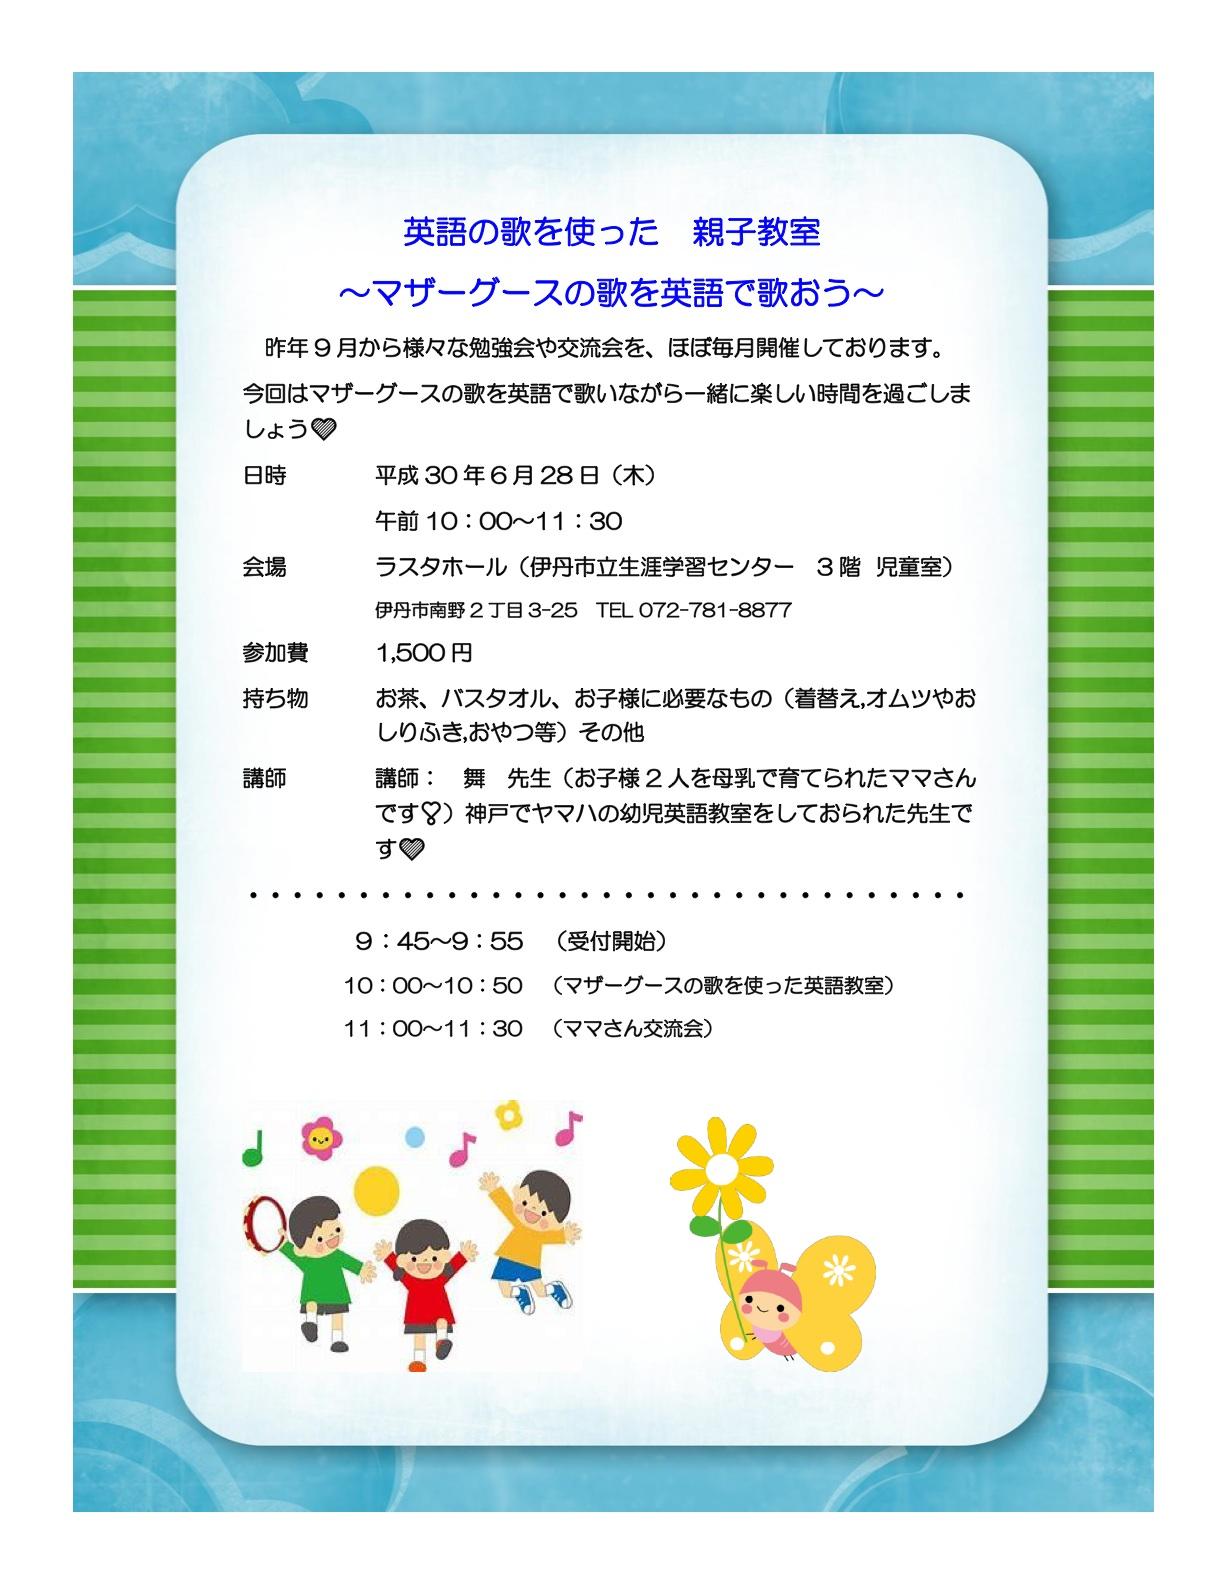 助産師 FUKUA主催 英語の歌を使った親子教室案内